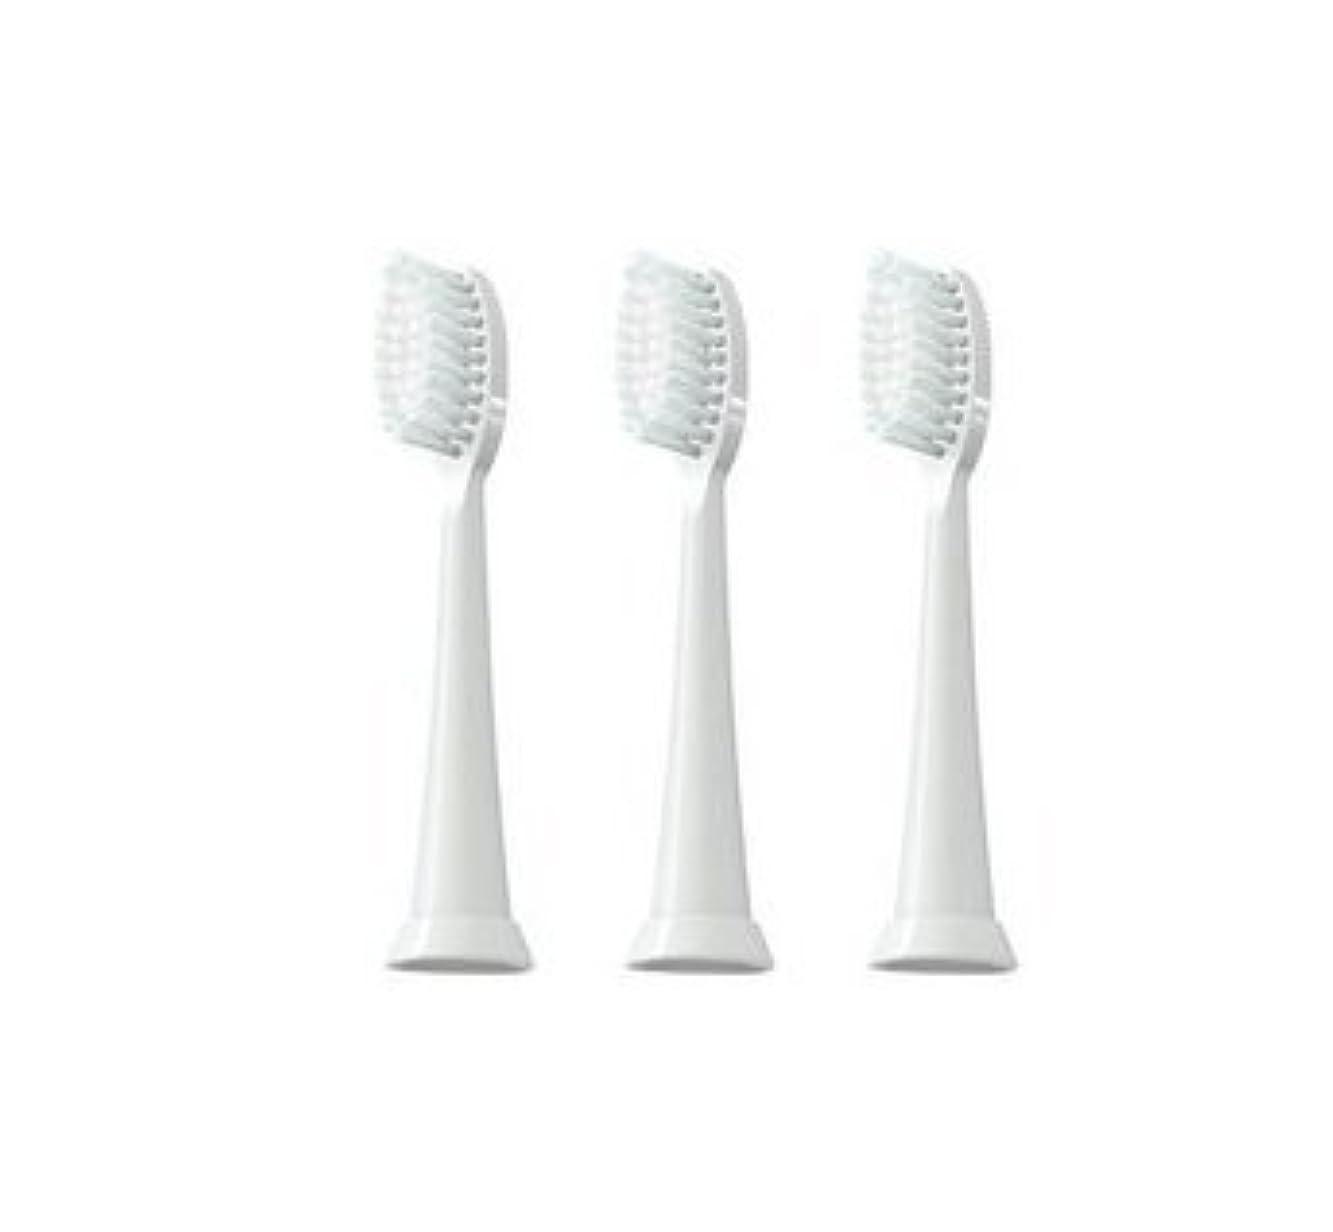 毎月ピジンインシデントTAO Clean 電動歯ブラシ用【替えブラシ 3本セット】(ホワイト)通常はメール便にて発送します。